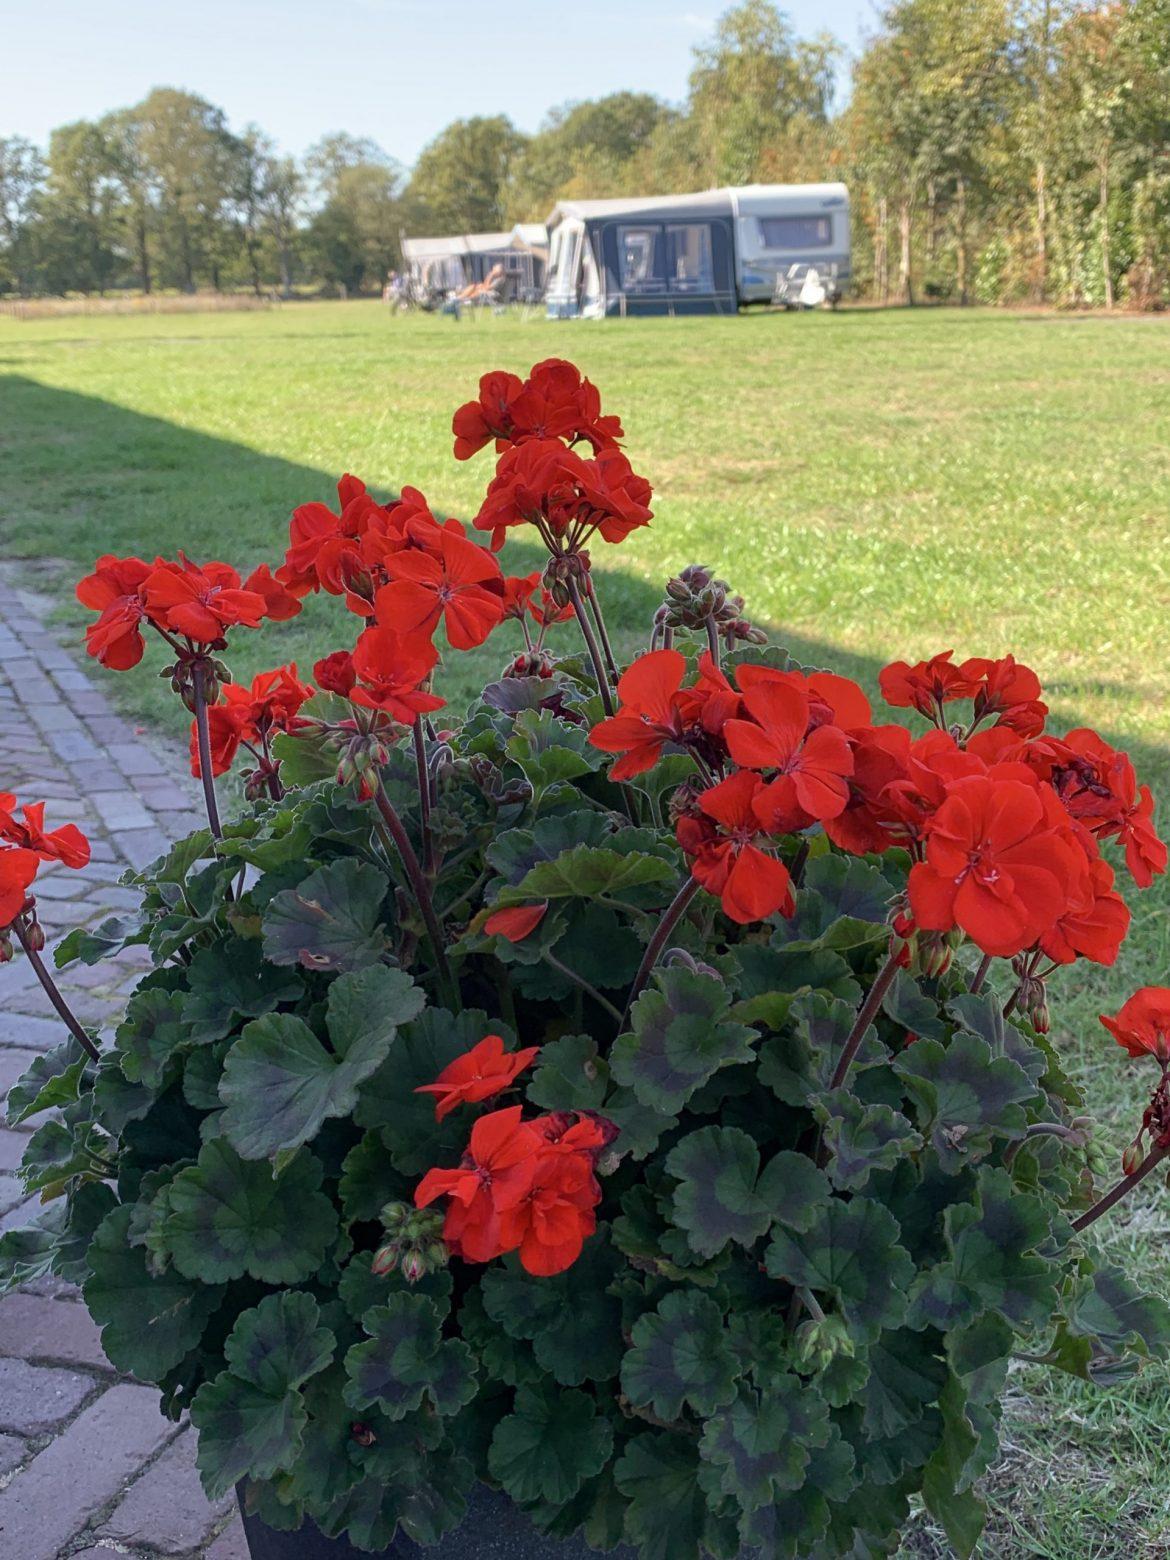 Volle camping - foto's bloemen